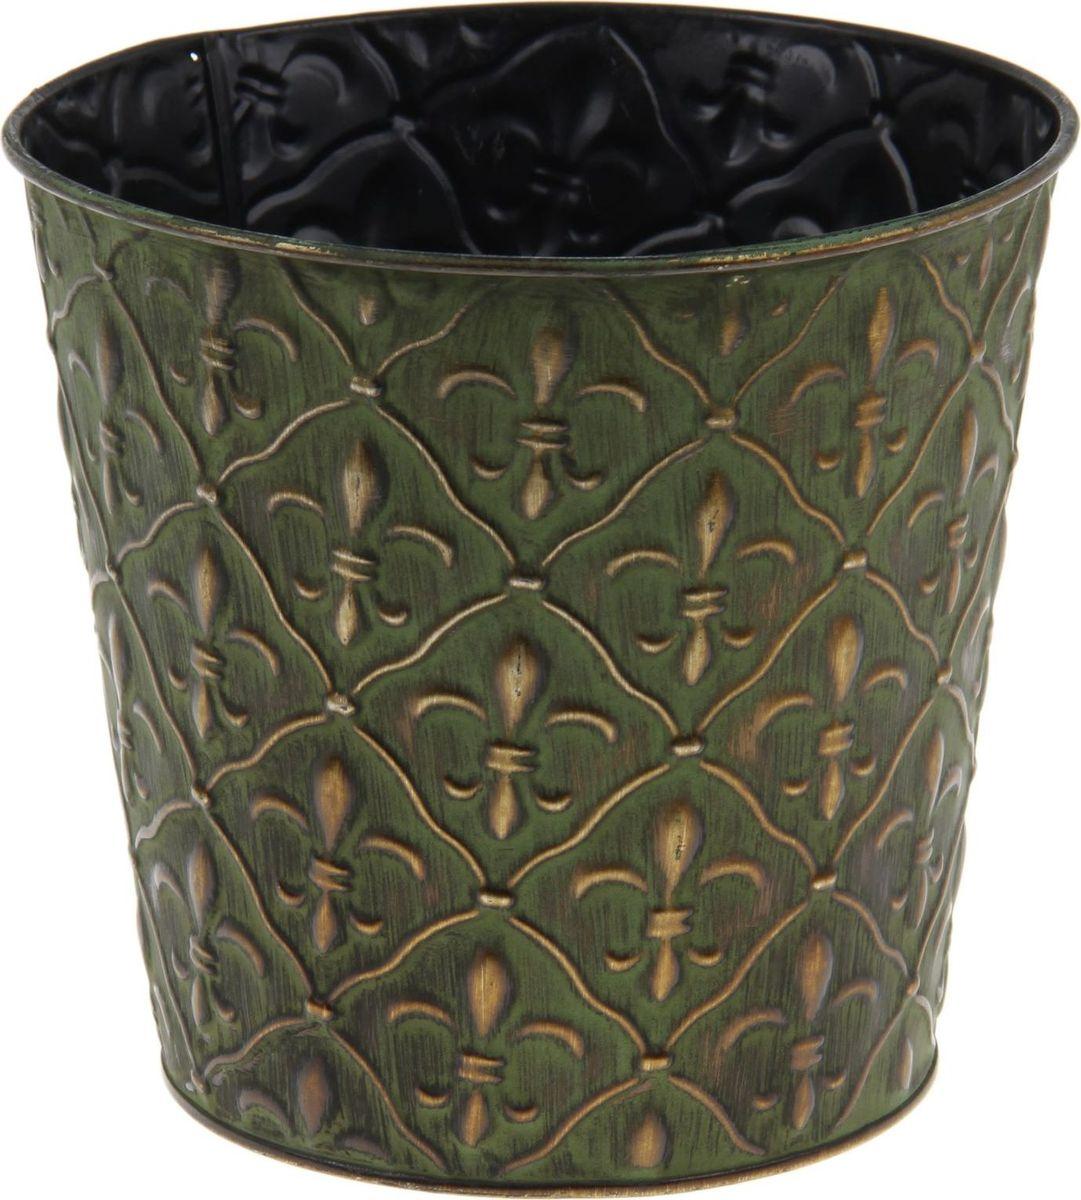 Кашпо Стиль. Ромбы, цвет: зеленый, 19 х 19 х 17 см1199492Комнатные растения — всеобщие любимцы. Они радуют глаз, насыщают помещение кислородом и украшают пространство. Каждому из растений необходим свой удобный и красивый дом. Металлические декоративные вазы для горшков практичны и долговечны. позаботится о зеленом питомце, освежит интерьер и подчеркнет его стиль. Особенно выигрышно они смотрятся в экстерьере: на террасах и в беседках. При желании его всегда можно перекрасить в другой цвет.